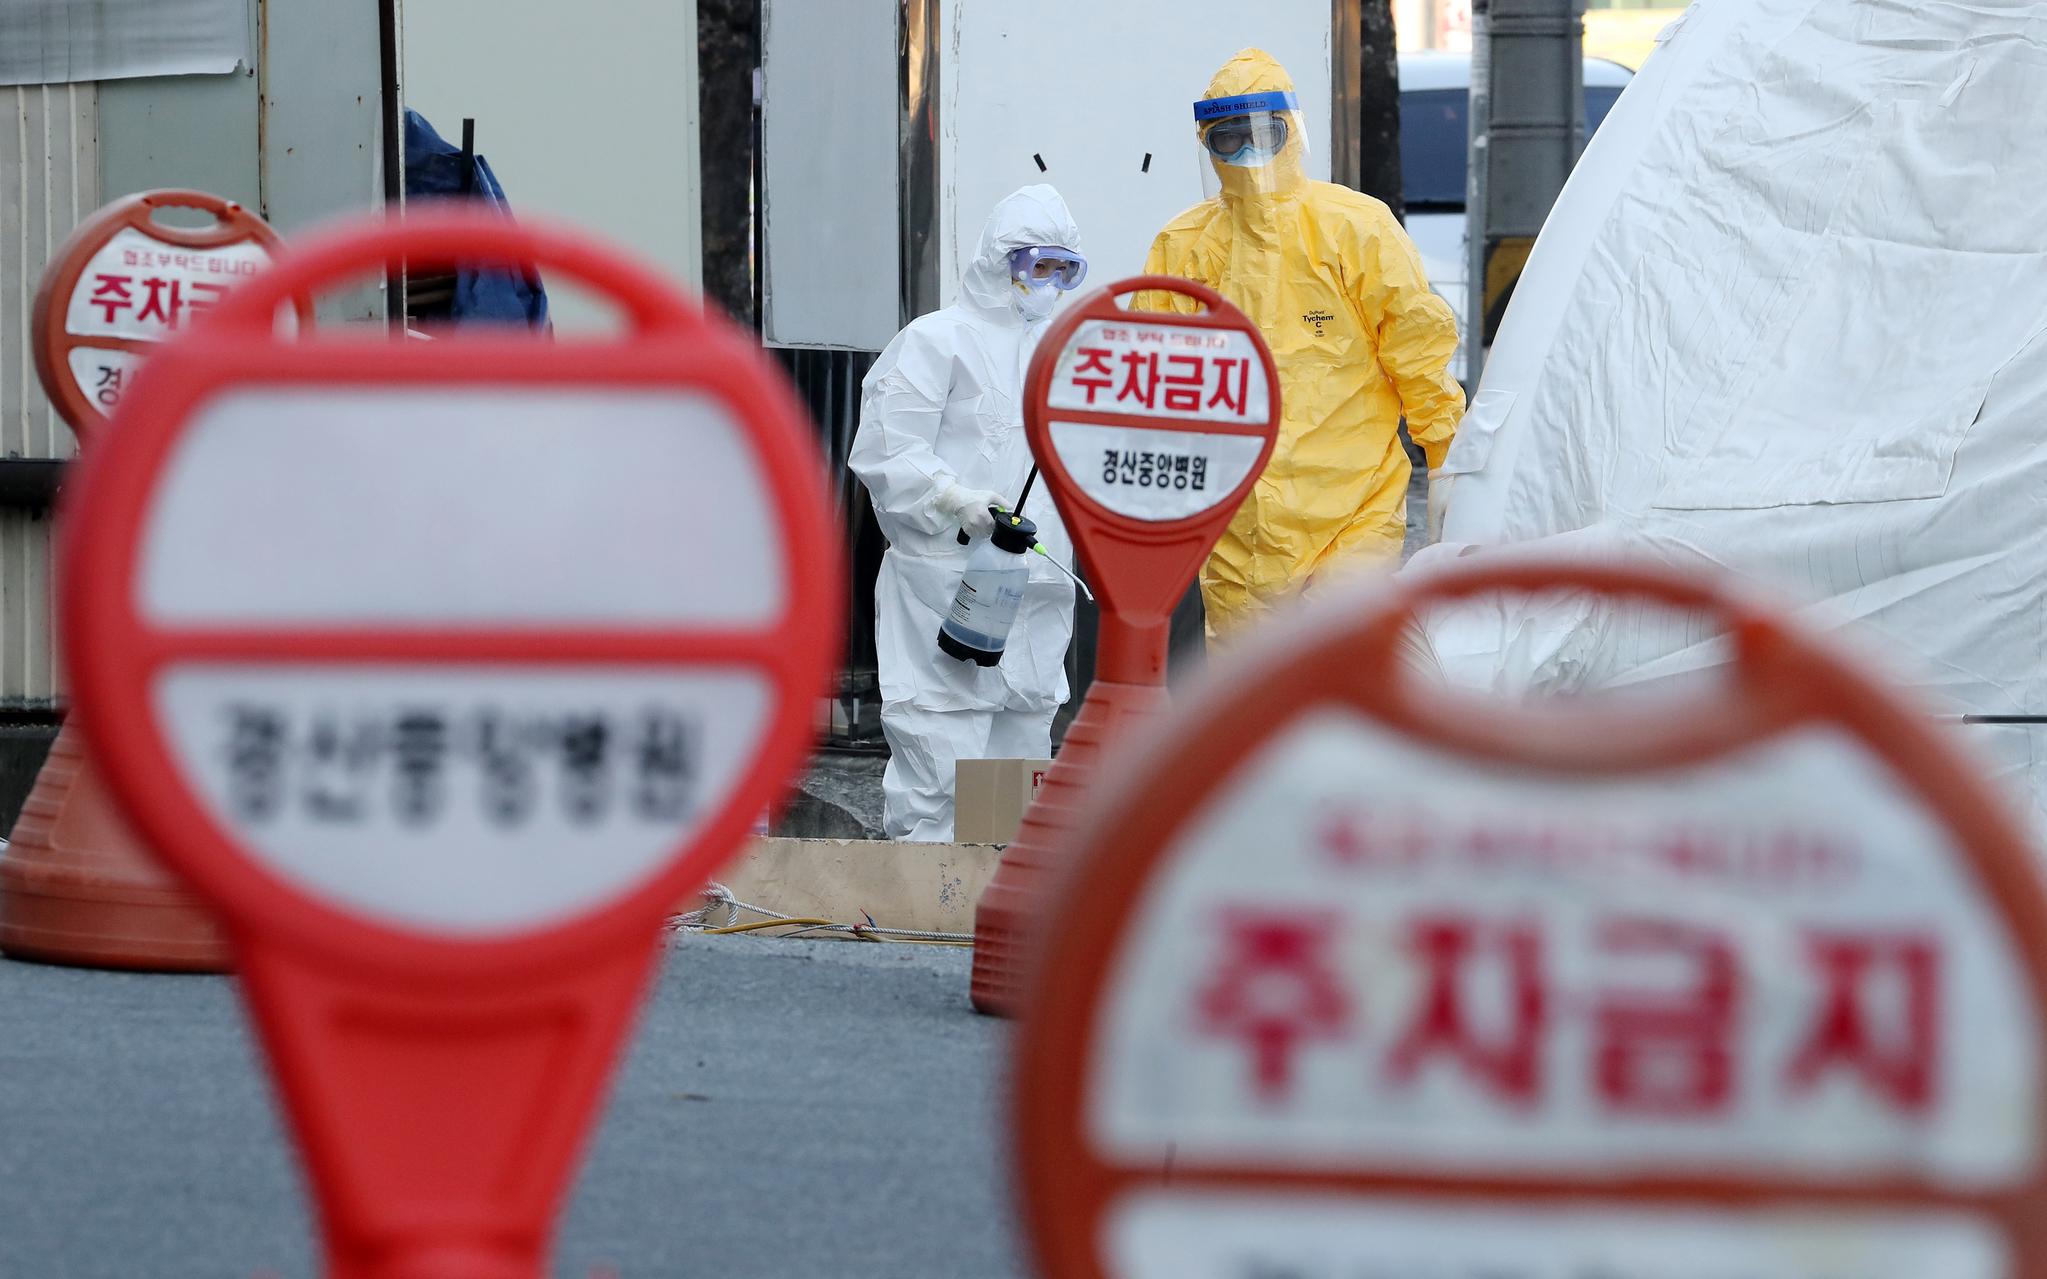 경북 경산시 경산중앙병원 선별진료소에서 의료진이 신종 코로나바이러스 감염증(코로나19) 의심환자 검사작업을 하고 있다. 연합뉴스